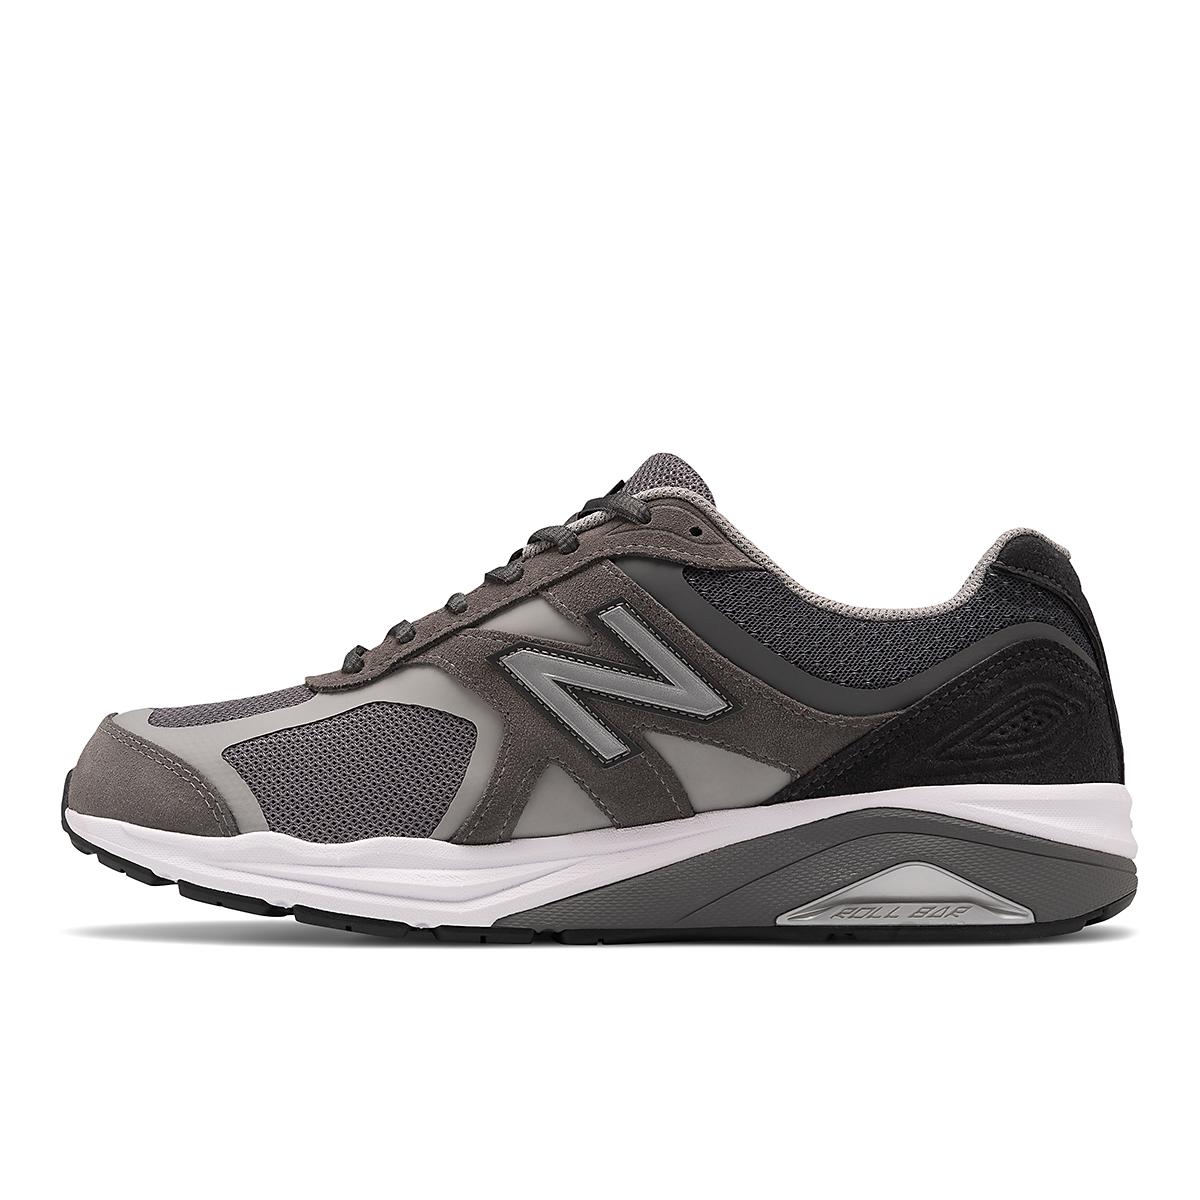 Men's New Balance 1540V3 Walking Shoe - Color: Grey - Size: 7 - Width: Wide, Grey, large, image 2